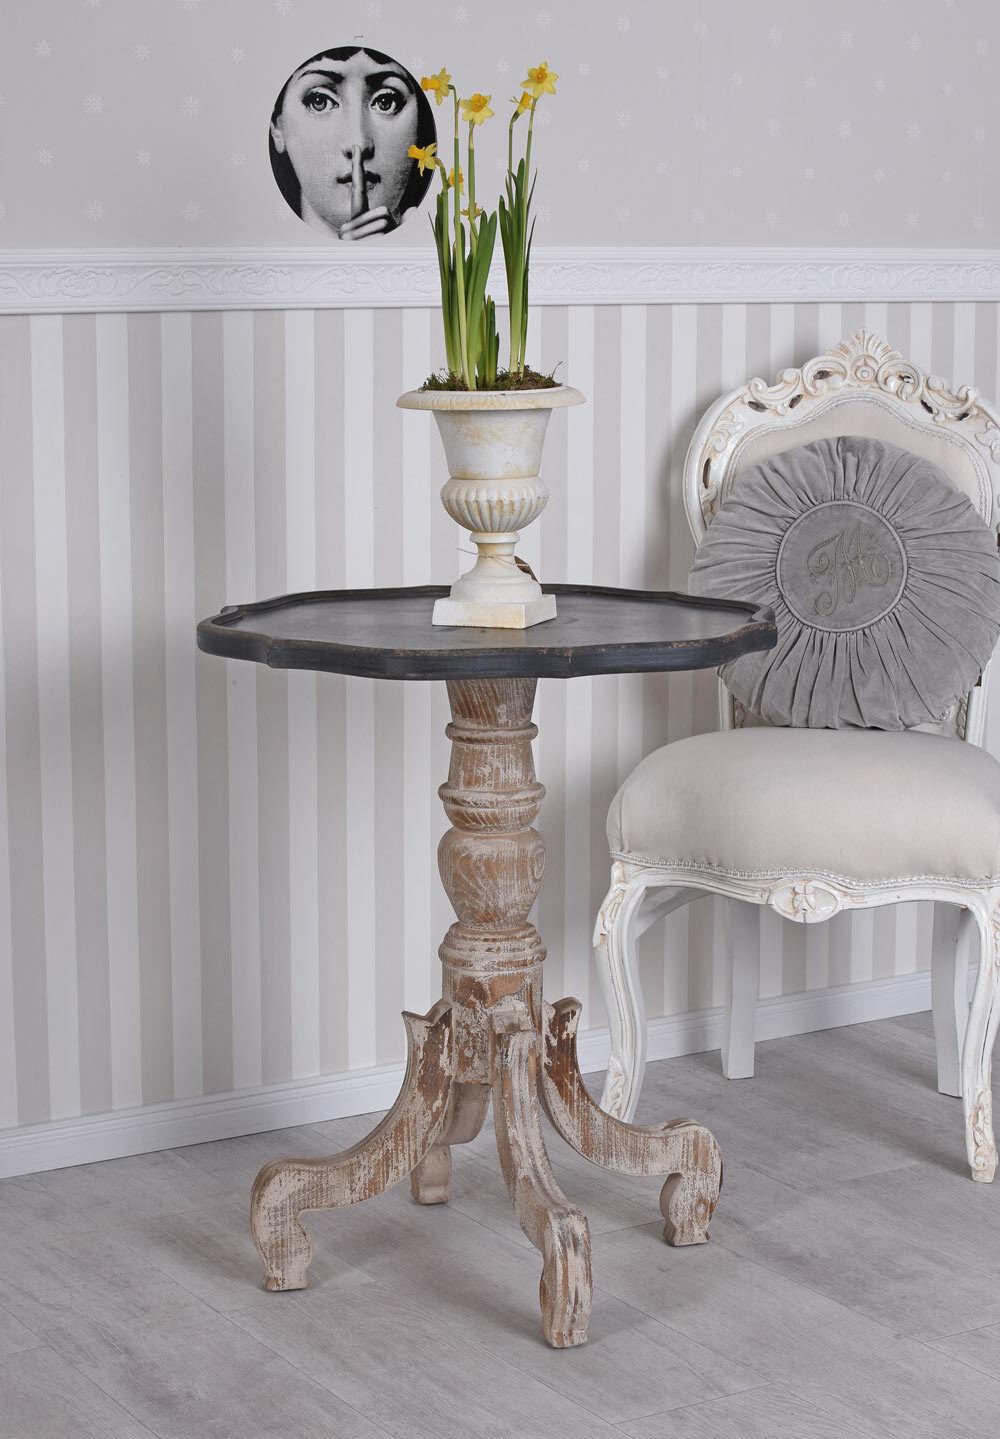 Table basse café table FLORENTIN table Table d'appoint Table de salon ancien